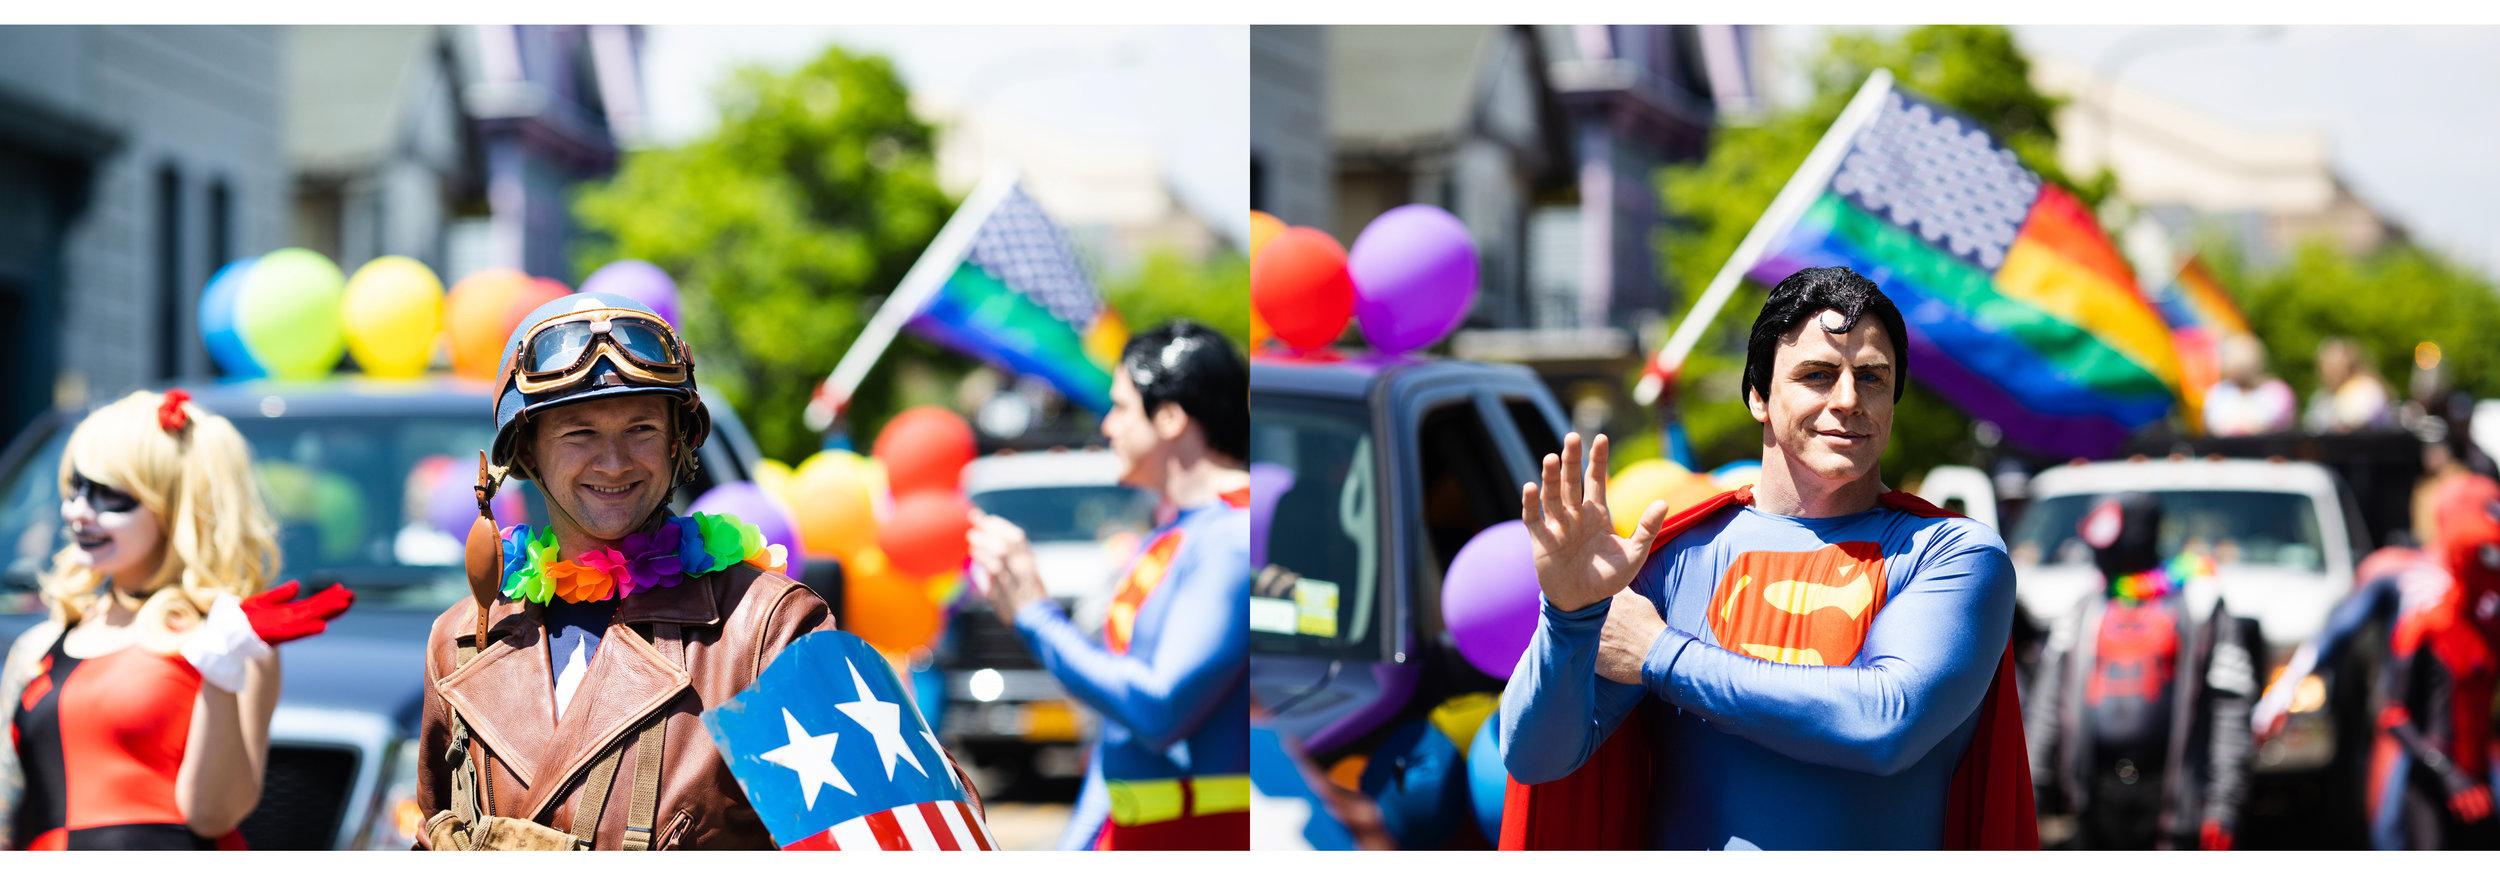 pride_2019_blog_22.jpg